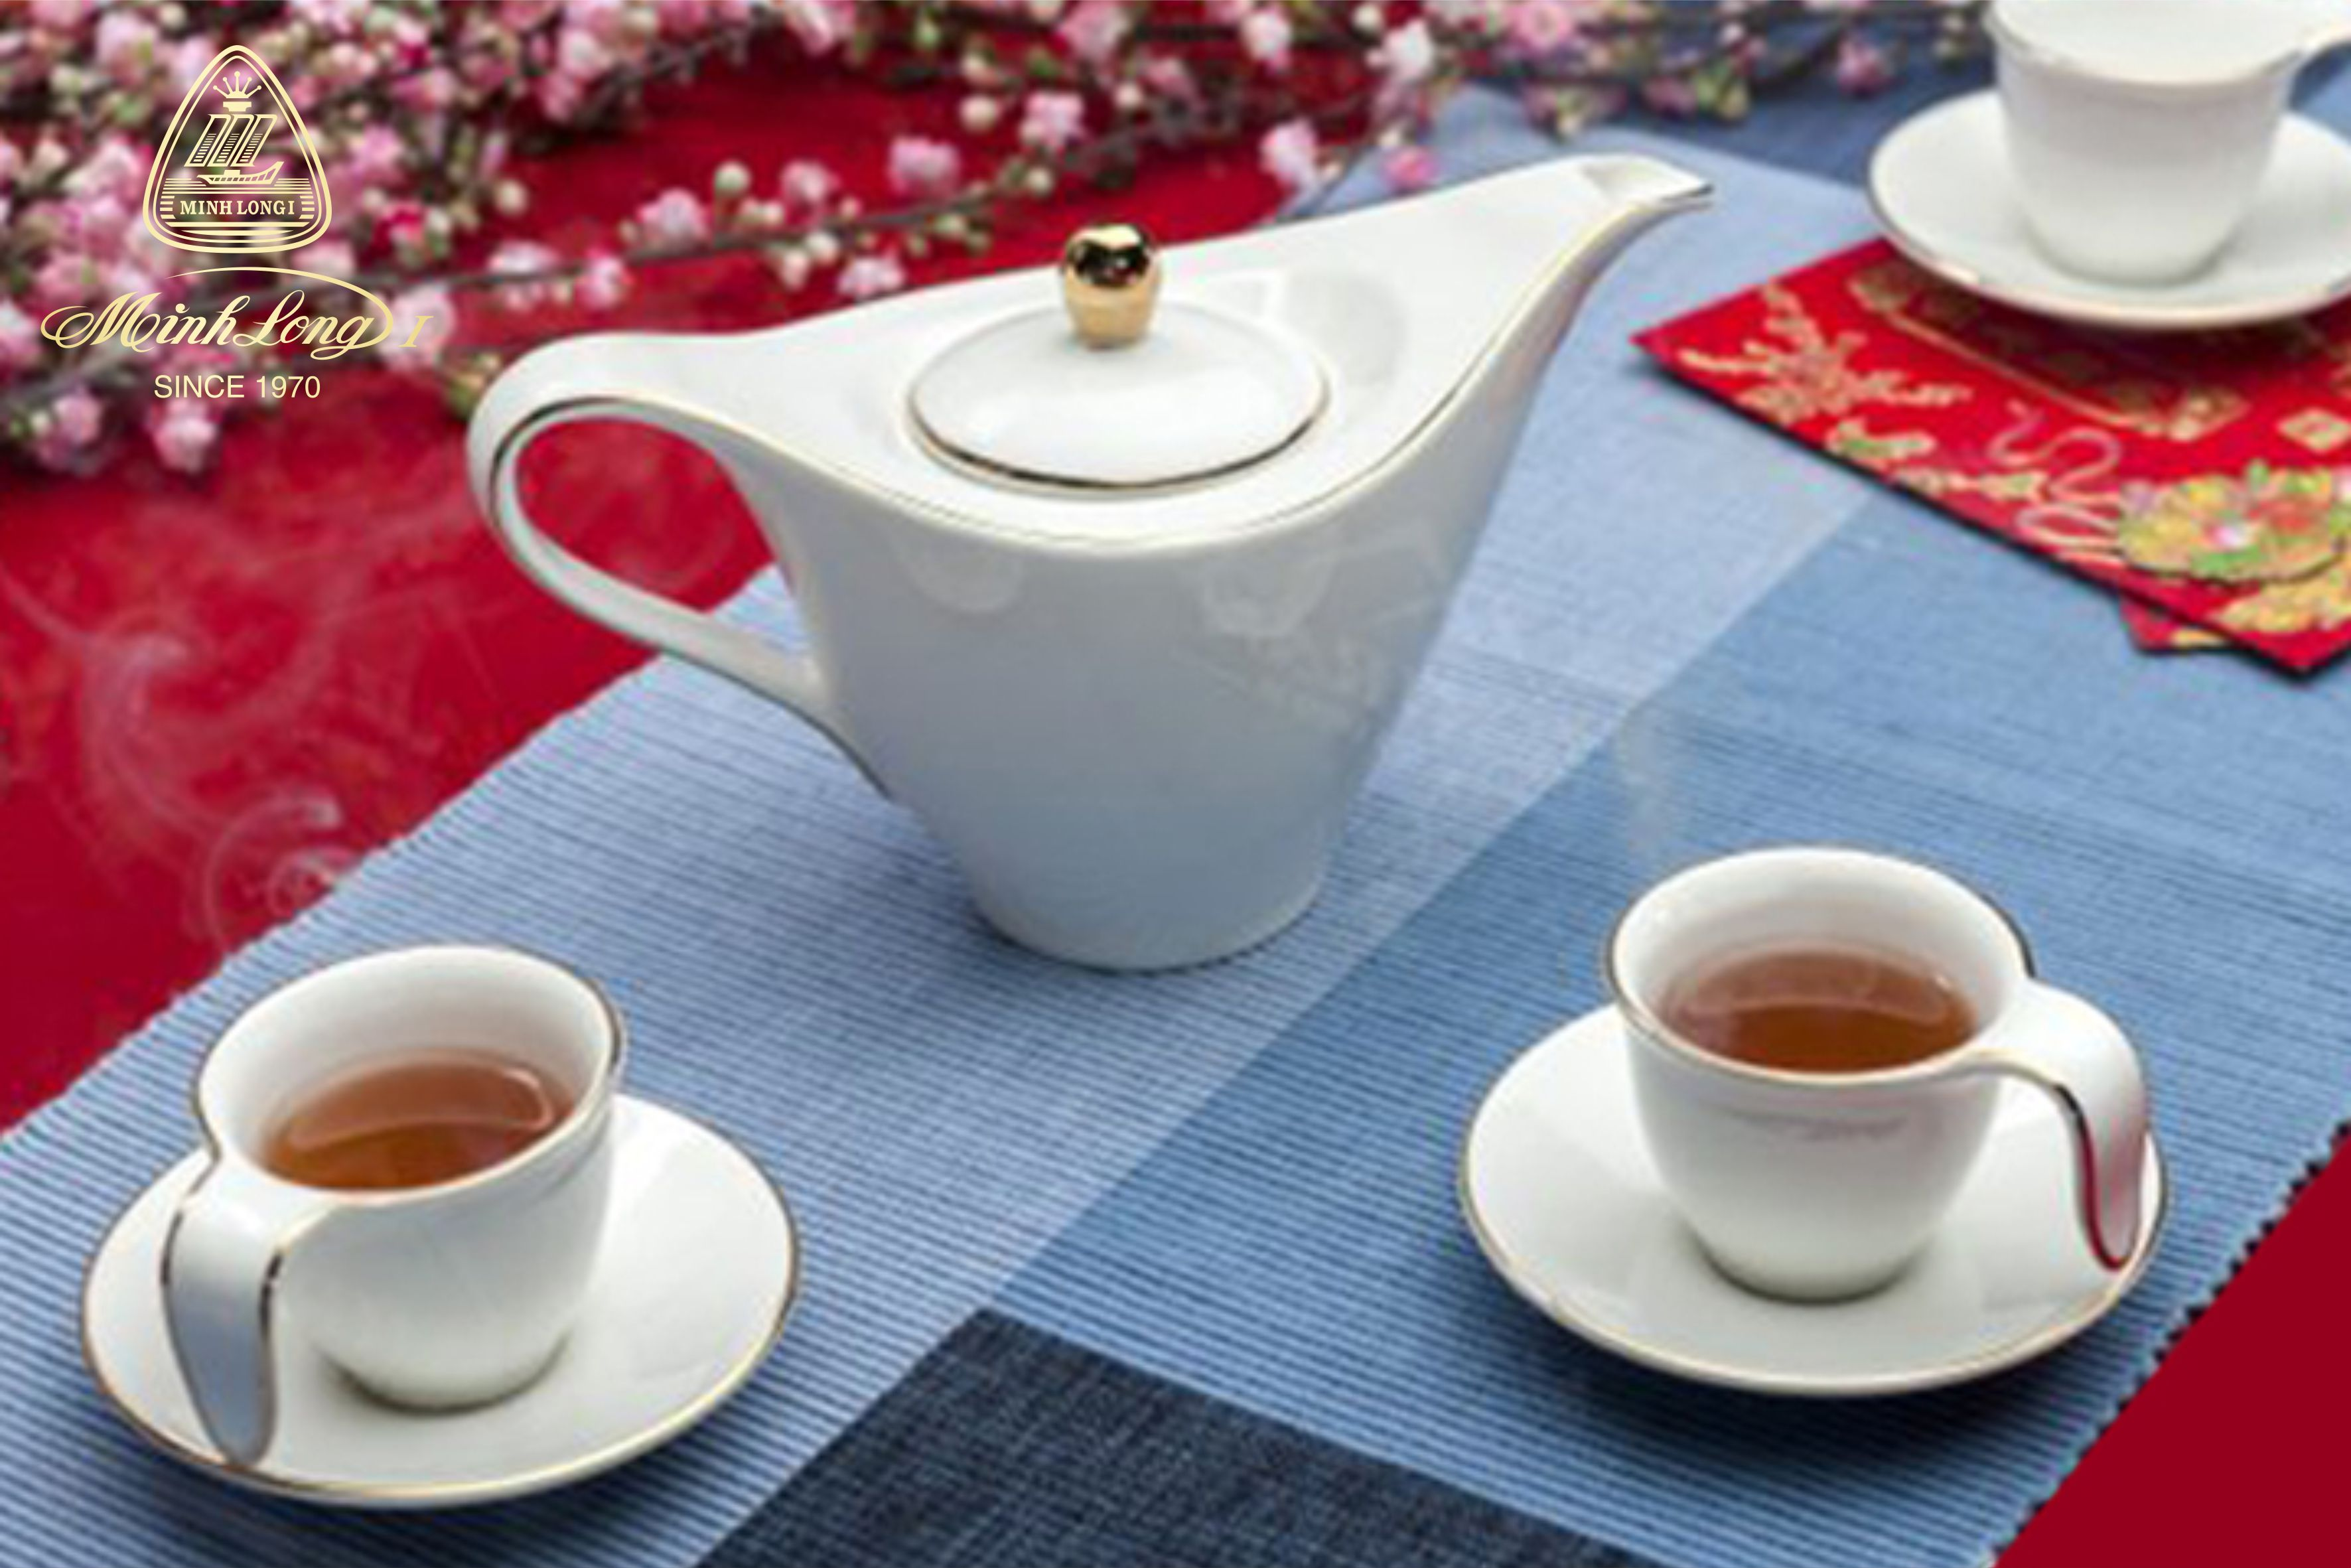 Bộ Cafe 0.45L Anh Vũ Chỉ Vàng 01459801403 Minh Long